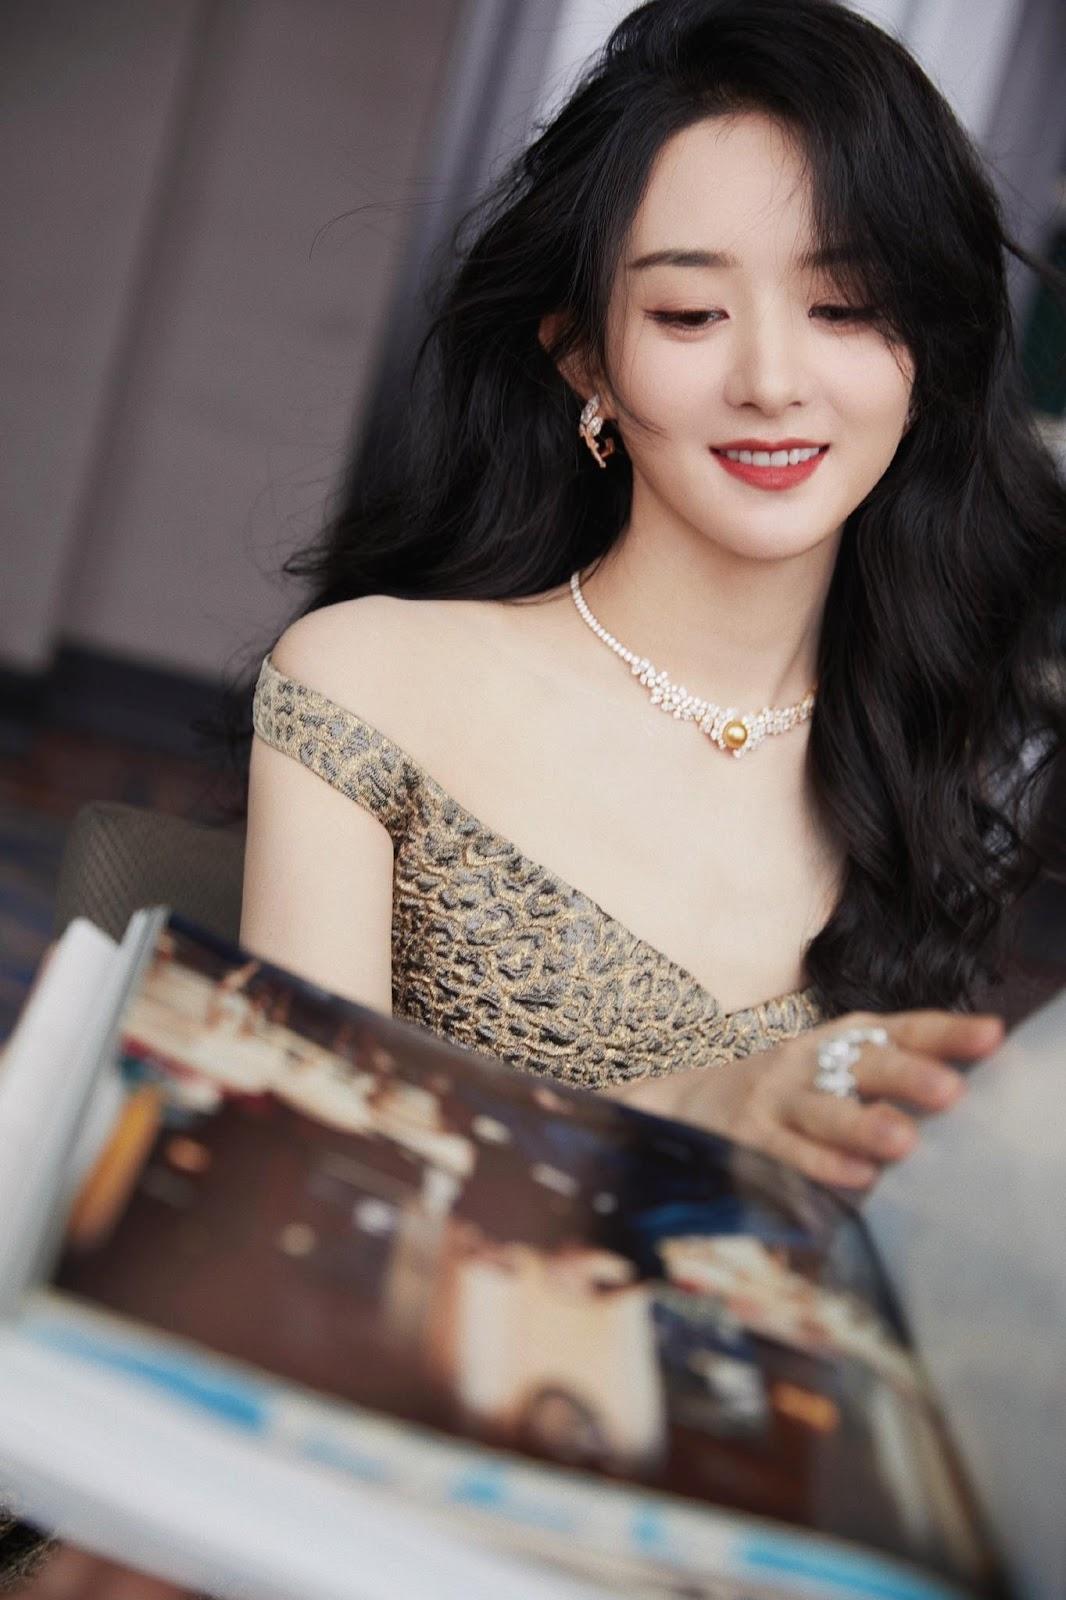 """Triệu Lệ Dĩnh đẹp ná thở trên thảm đỏ, lấn lướt Cảnh Điềm """"đệ nhất mỹ nữ Bắc Kinh"""" - ảnh 2"""